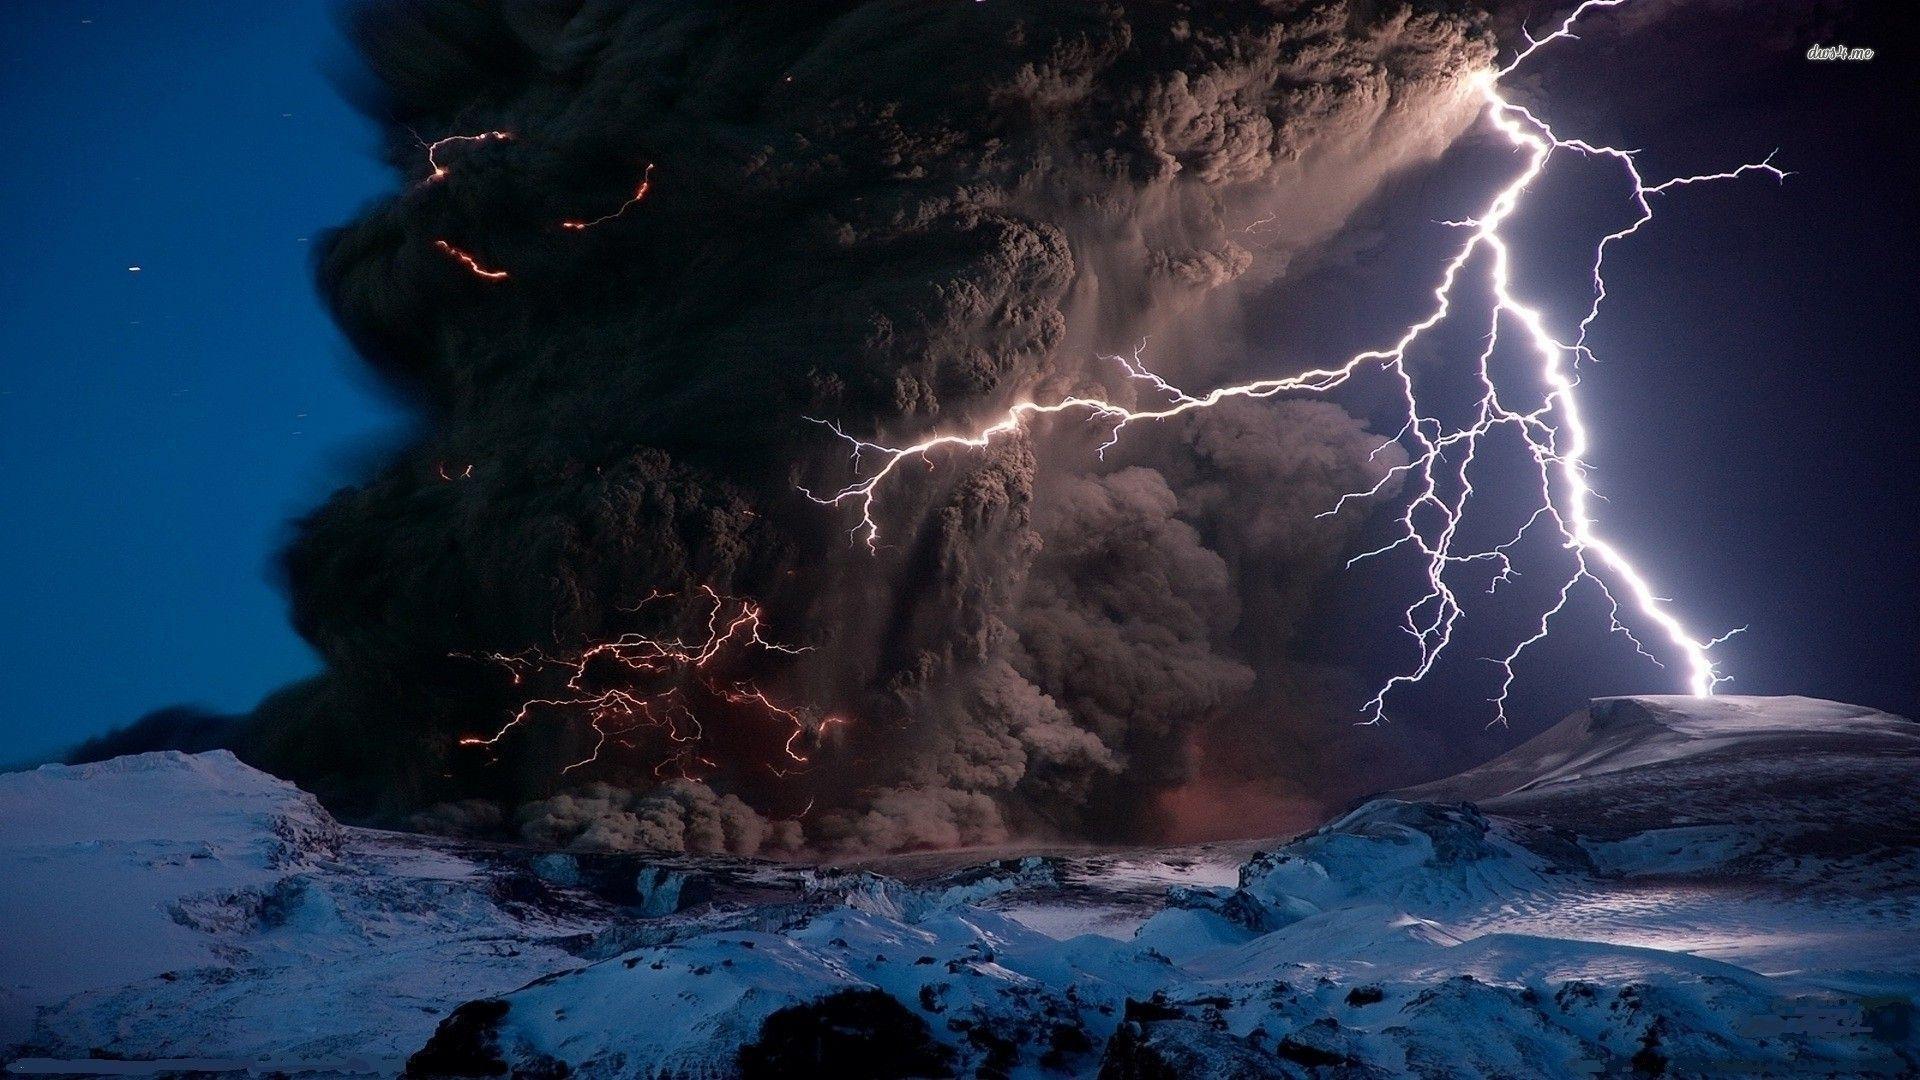 Lightning Storm Volcano Wallpaper